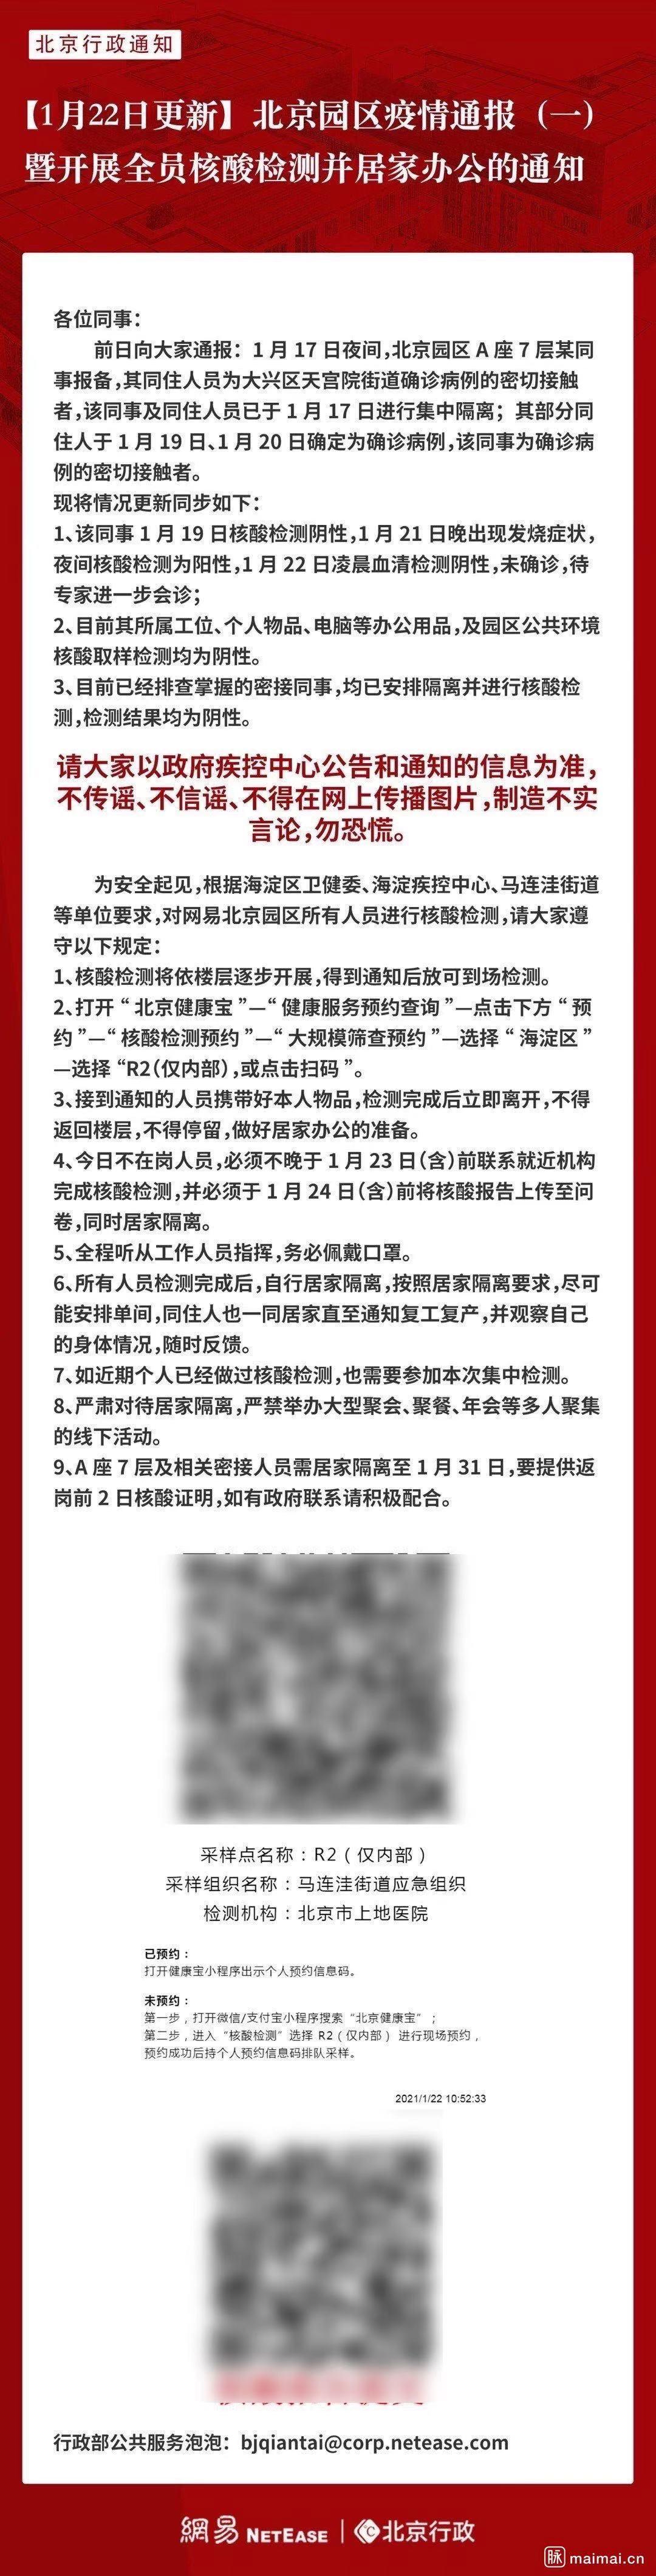 网易北京一员工核酸检测阳性 公司通报全员核酸检测并居家办公